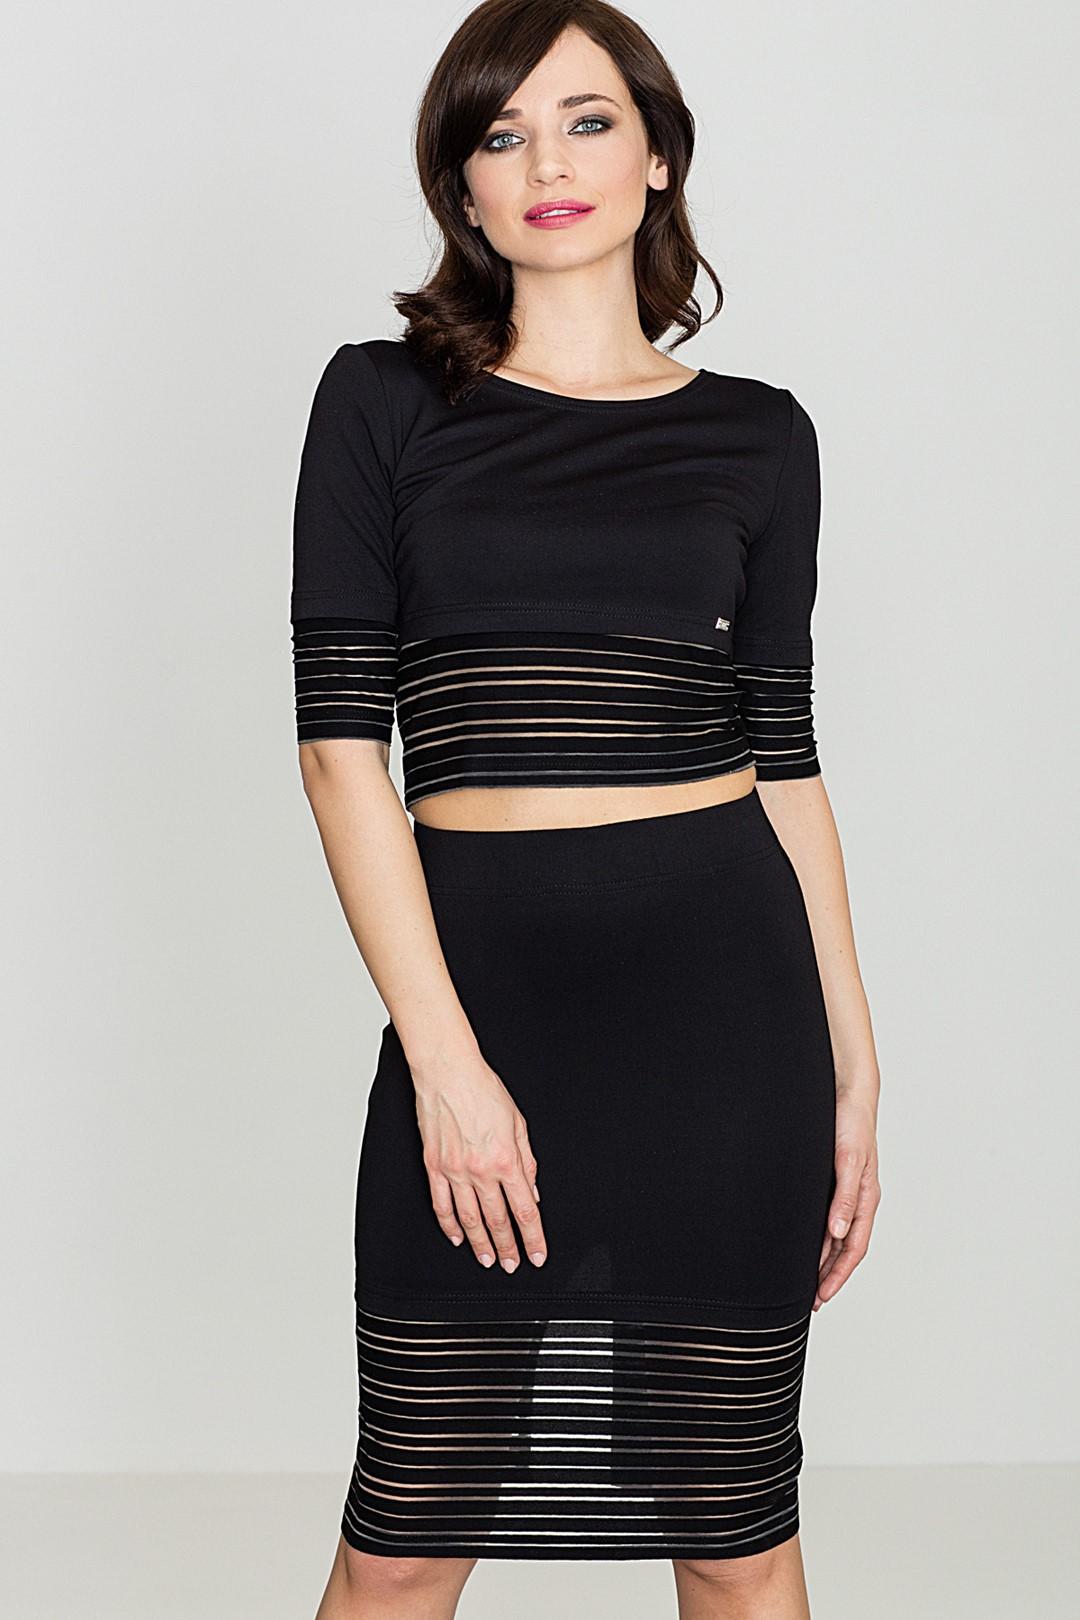 Stylový set halenka + midi sukně K314 LENITIF Barva: Černá, Velikost: L